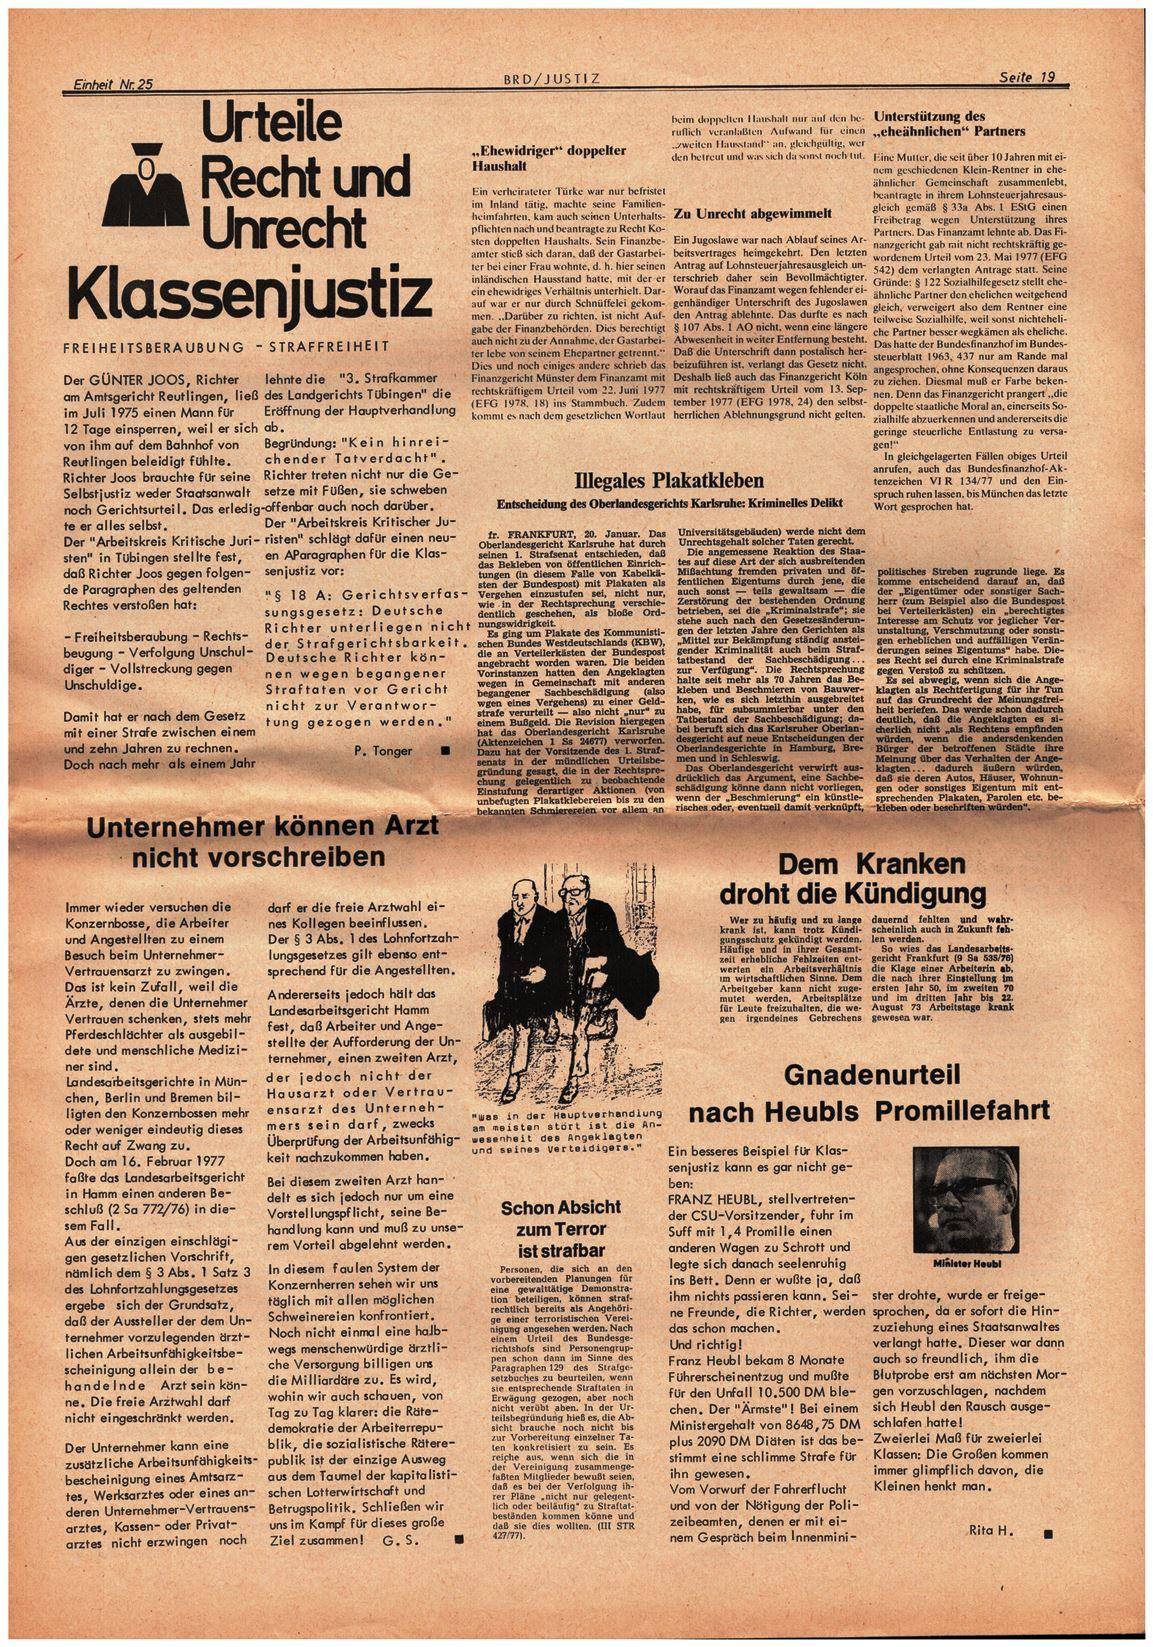 Koeln_IPdA_Einheit_1978_025_019